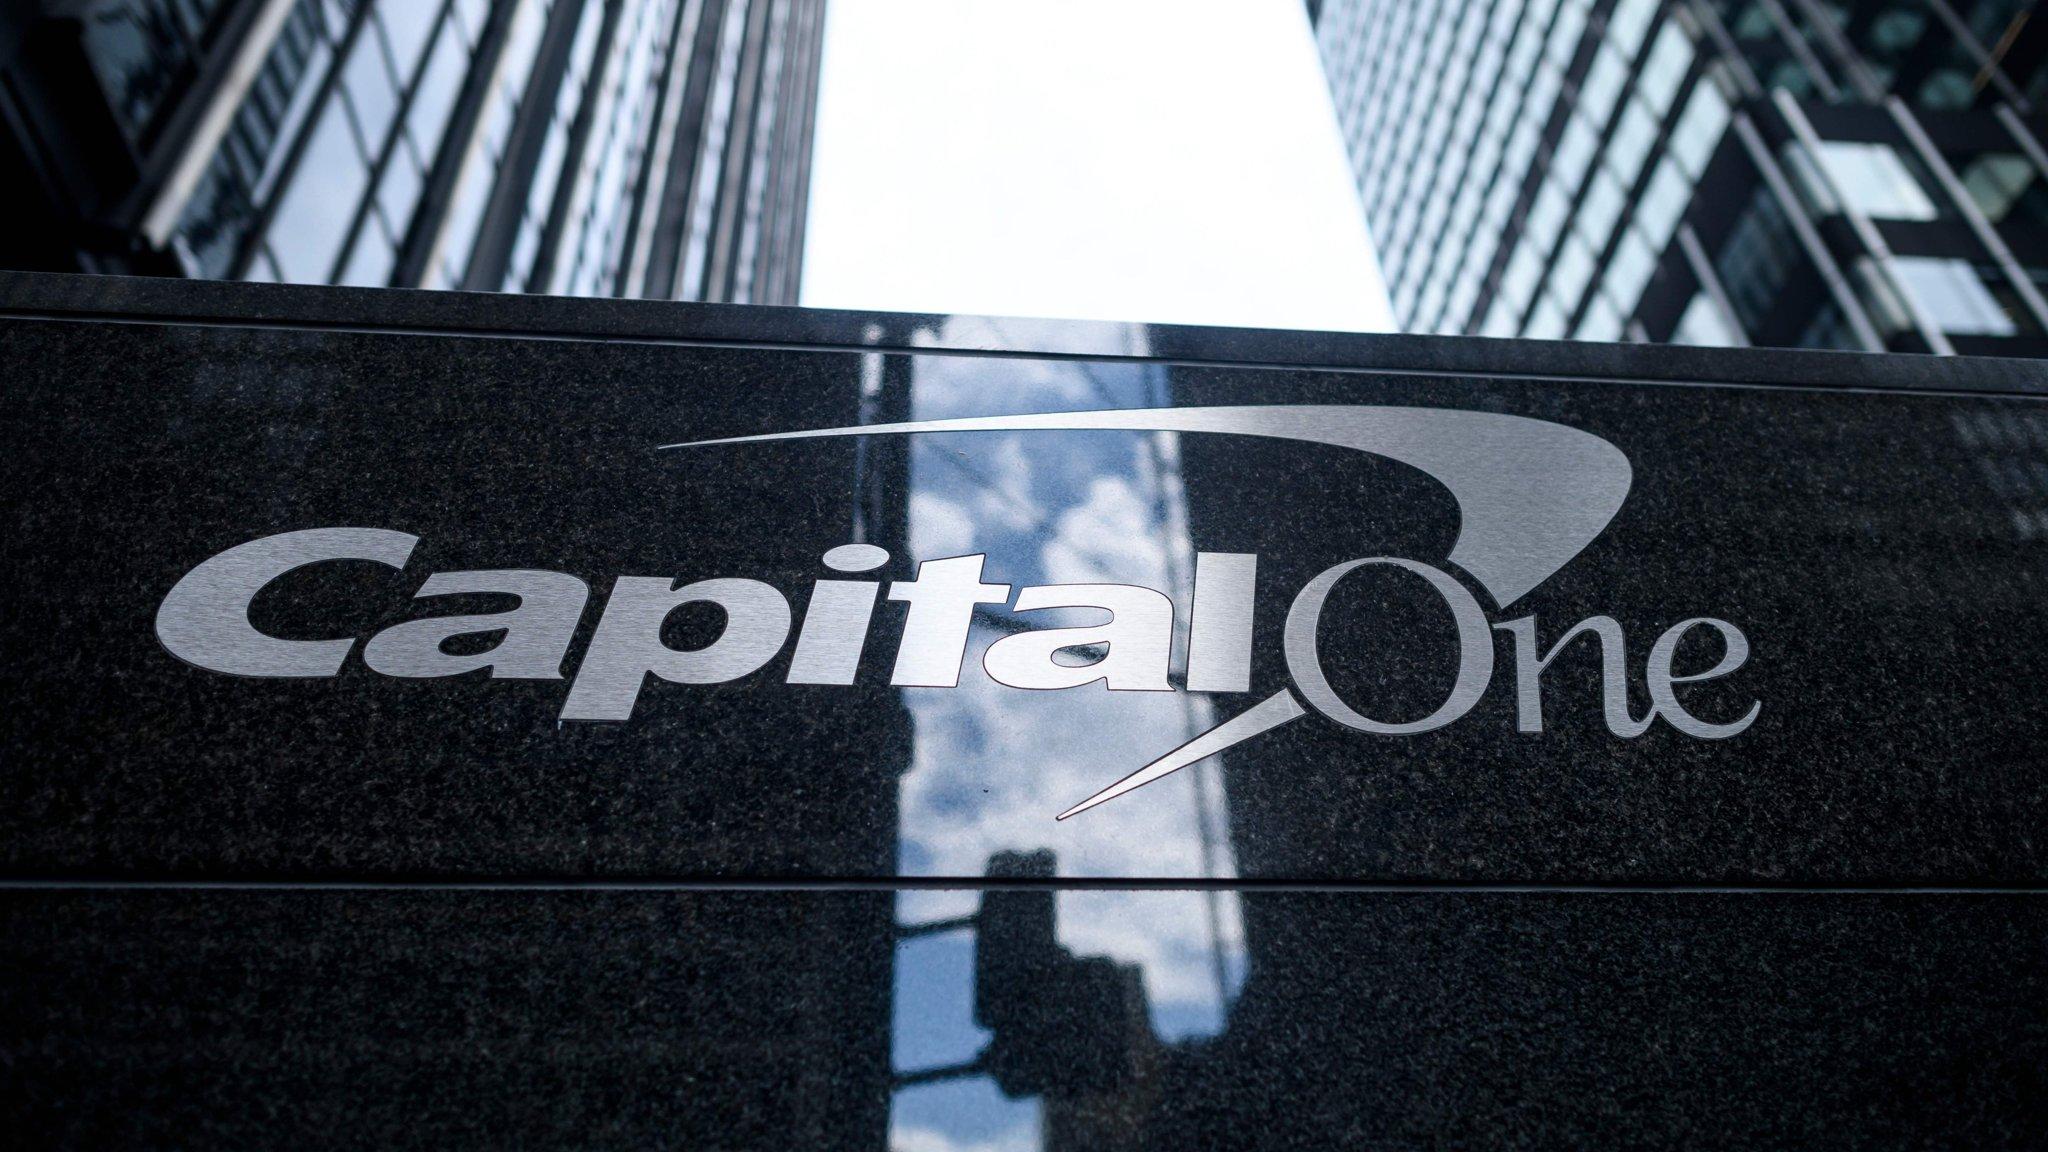 Capital One data breach sparks cloud security fears